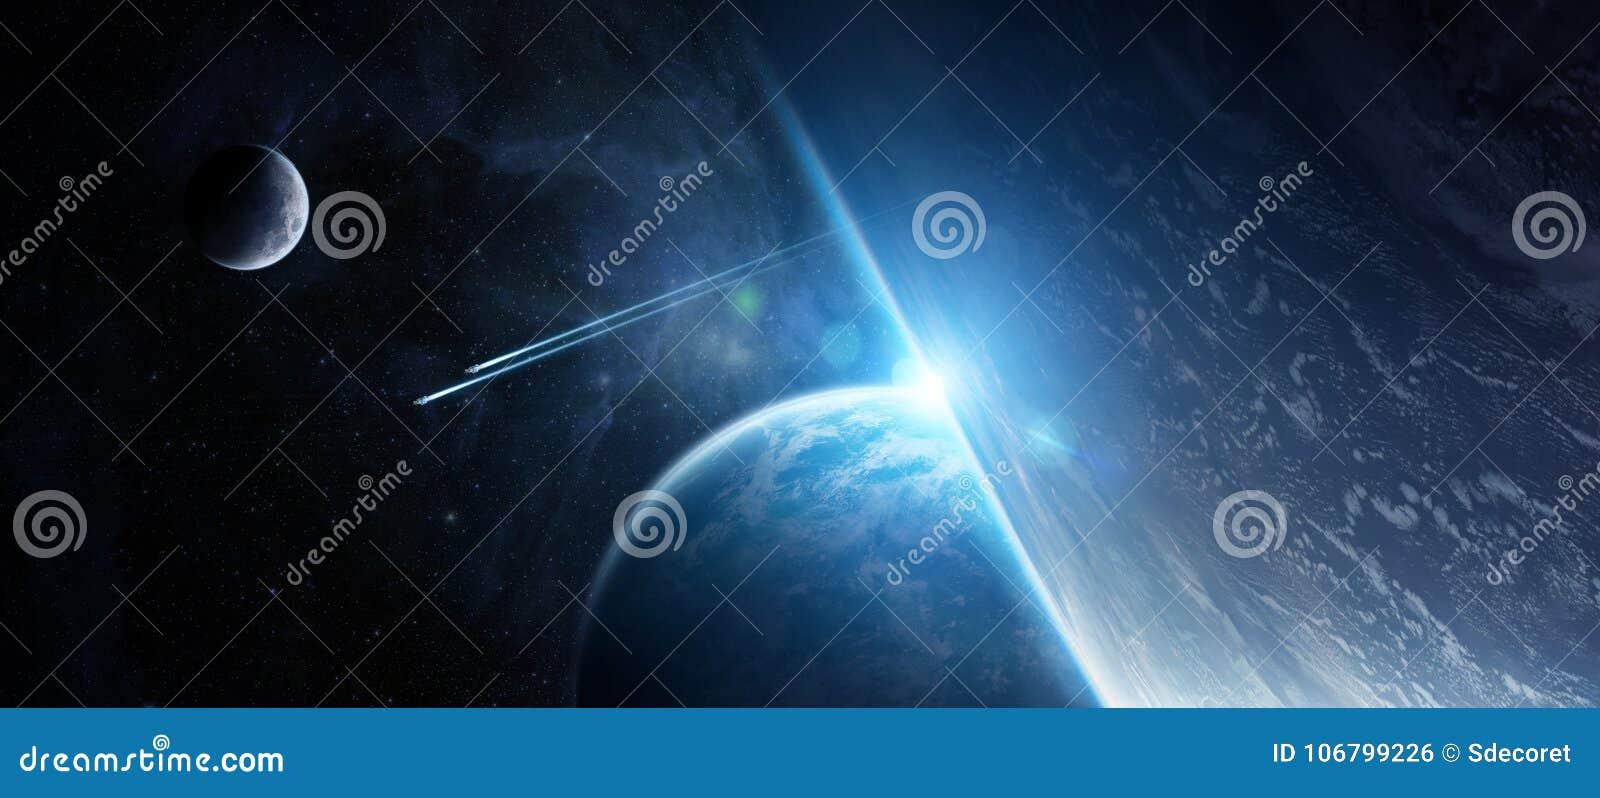 Ανατολή σε θέματα του απόμακρου συστήματος πλανητών στο διαστημικό τρισδιάστατο δίνοντας στοιχείο